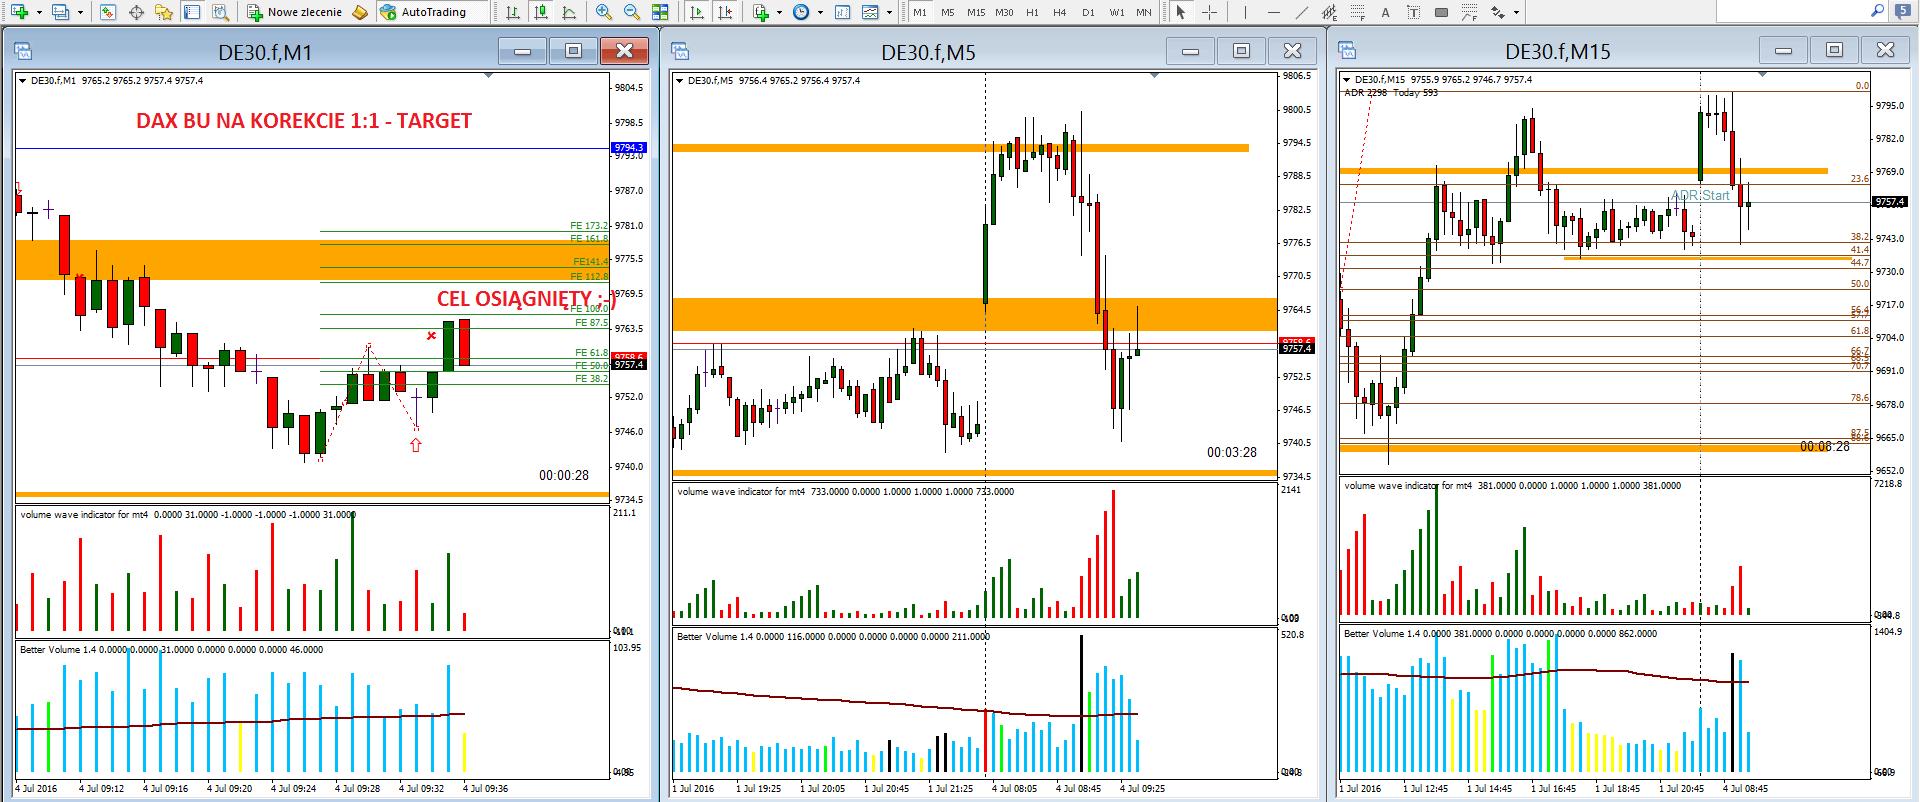 10-forex-skuteczna strategia-myforex-trader-trading-waluty-dax-prosta strategia tradingowa-broker-sukces-wolumen-vsa-świec japońskie-formacje świecowe-poziomy fibo-scalping